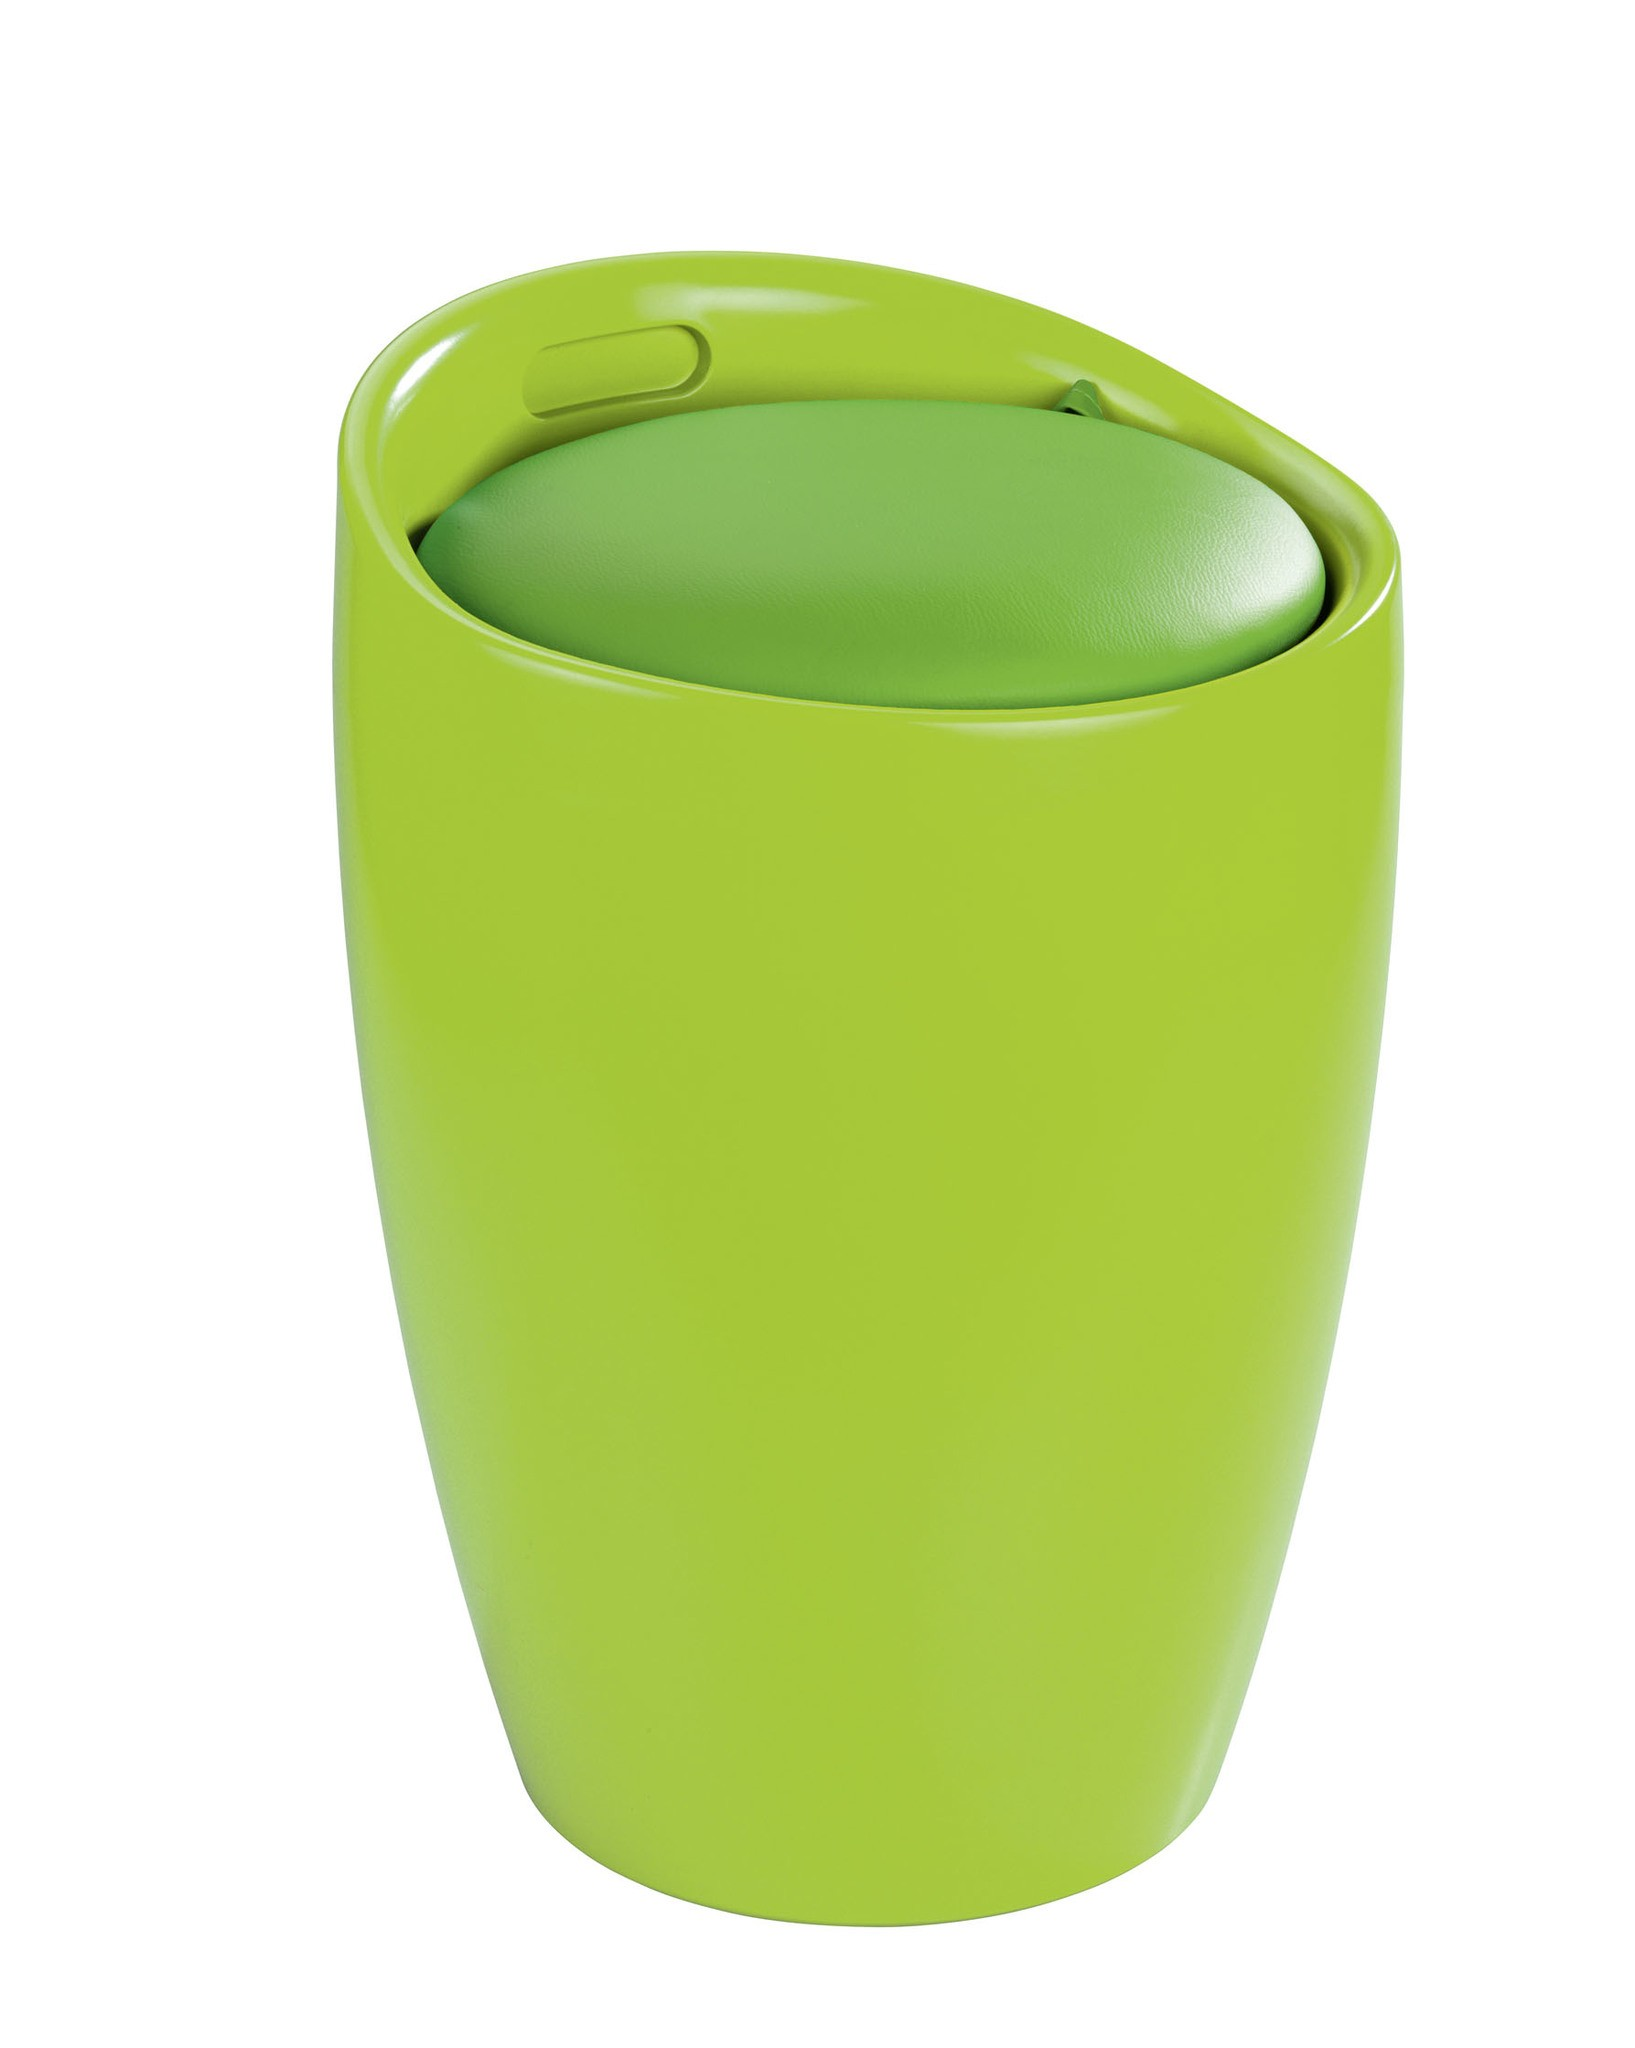 Wenko Hocker Candy Green, Badhocker, mit abnehmbarem Wäschesack